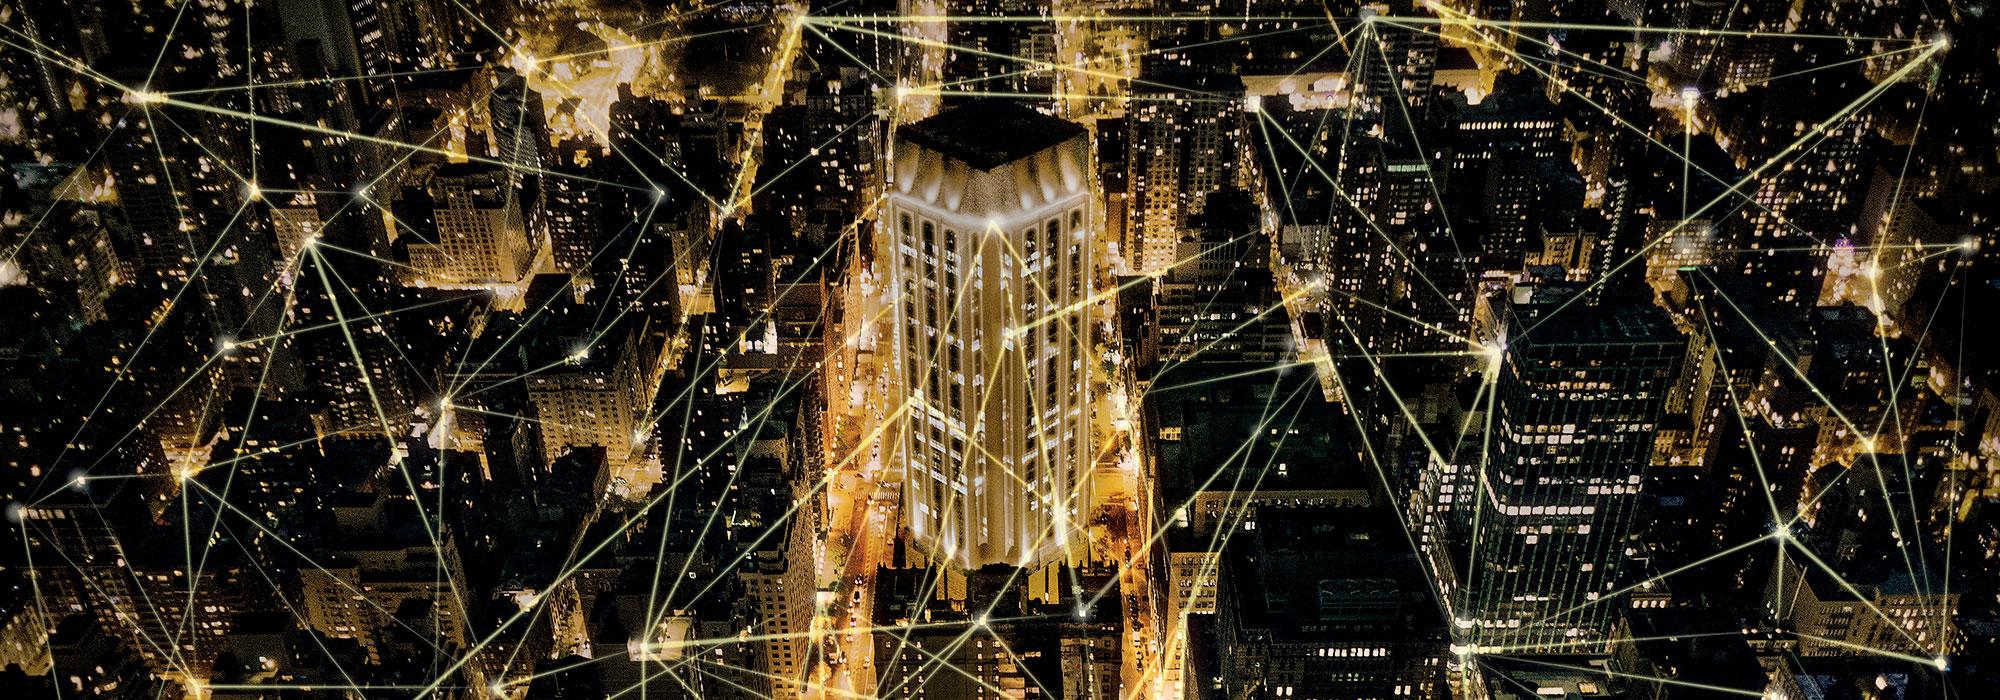 philips_light-beyond-illumination & Taking light beyond illumination | Lighting Metropolis azcodes.com